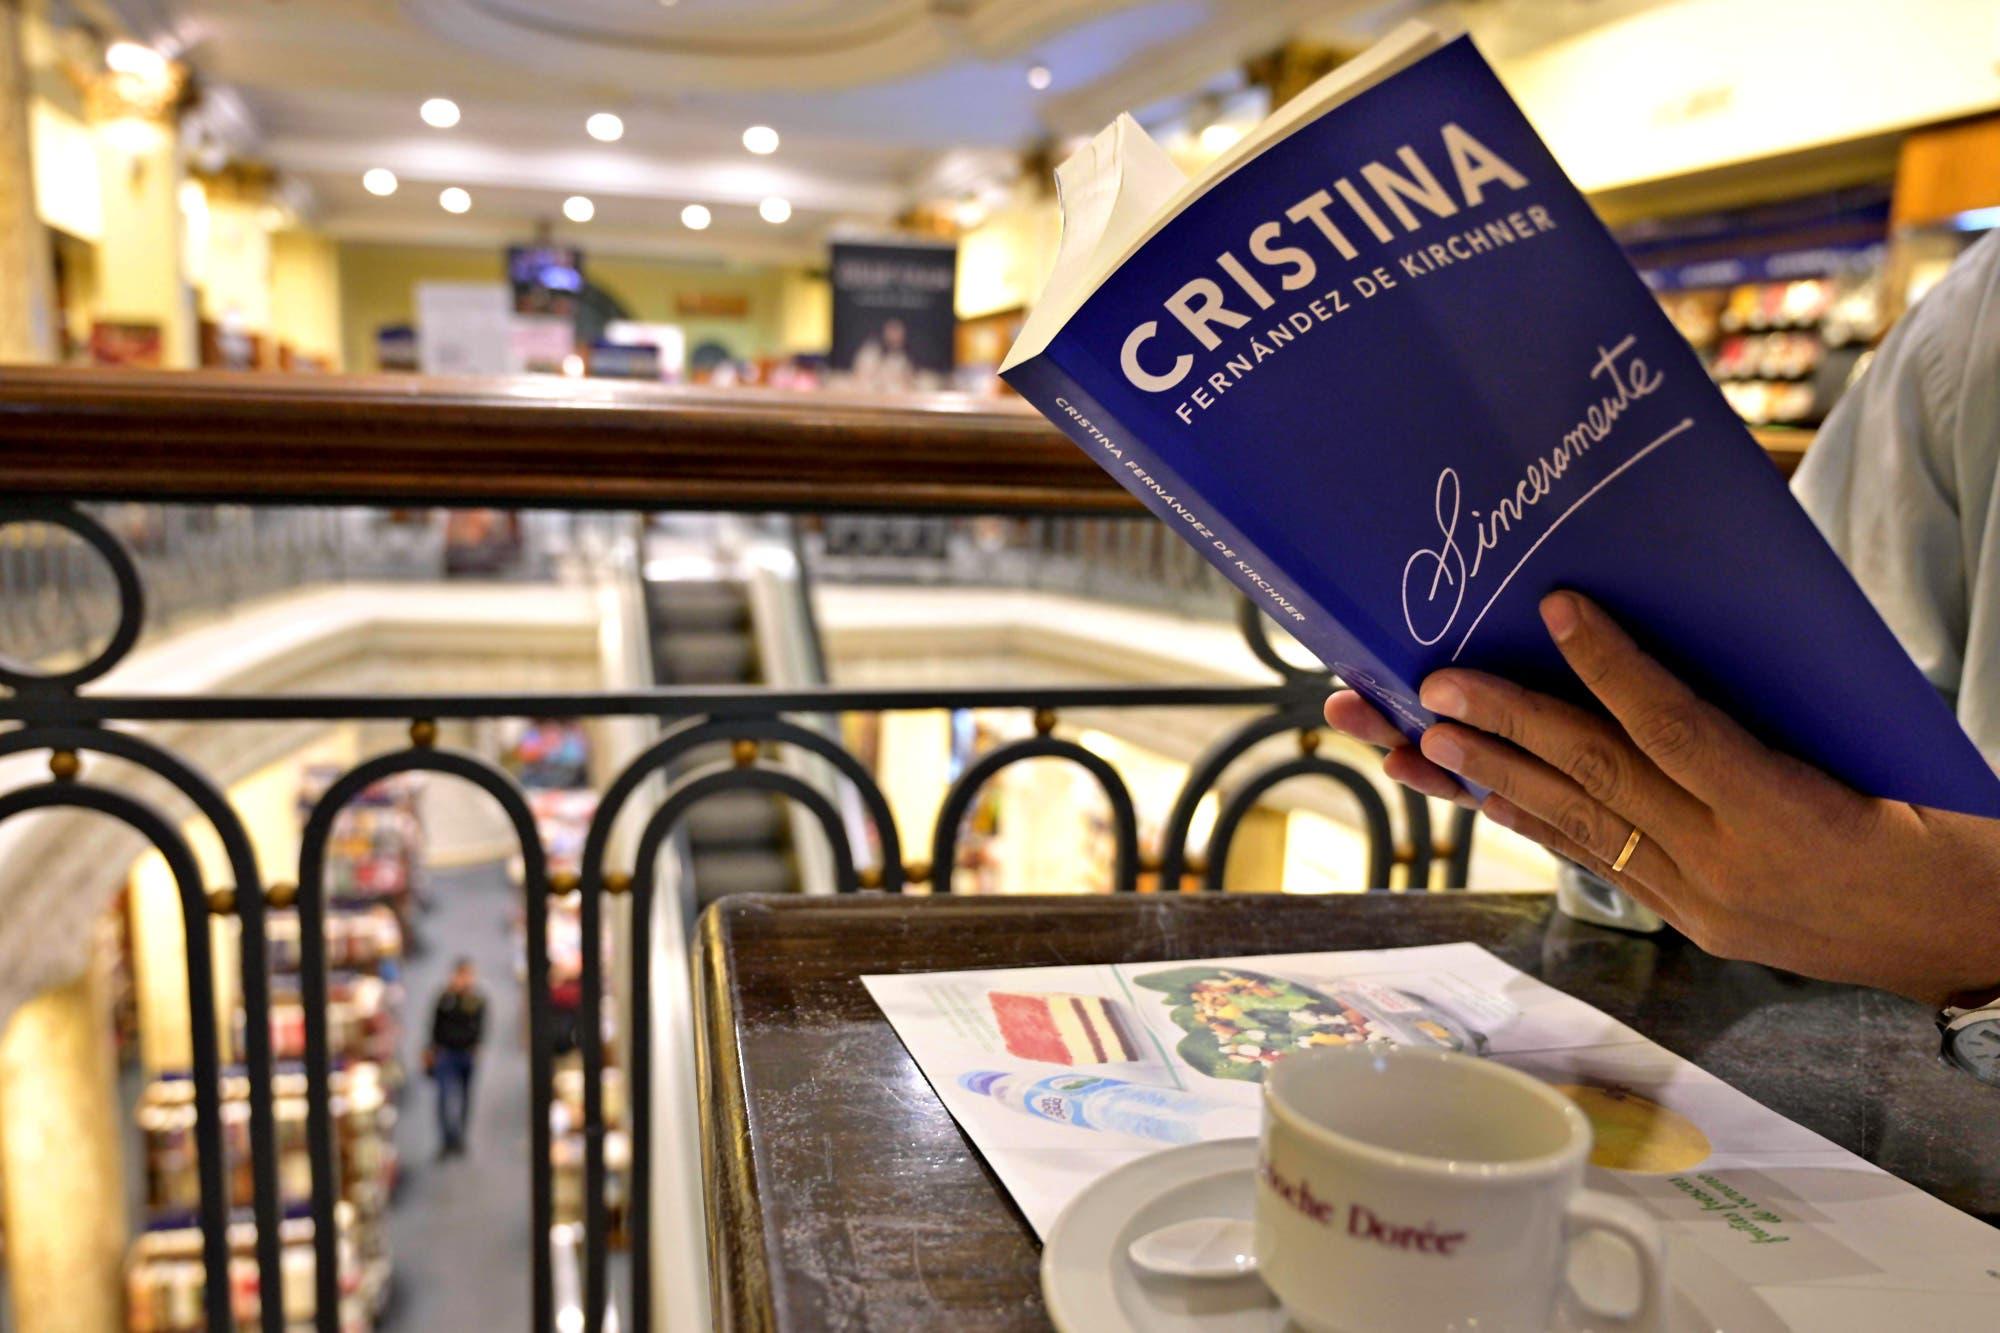 Bonadio busca embargar el dinero recaudado por el libro de Cristina Kirchner